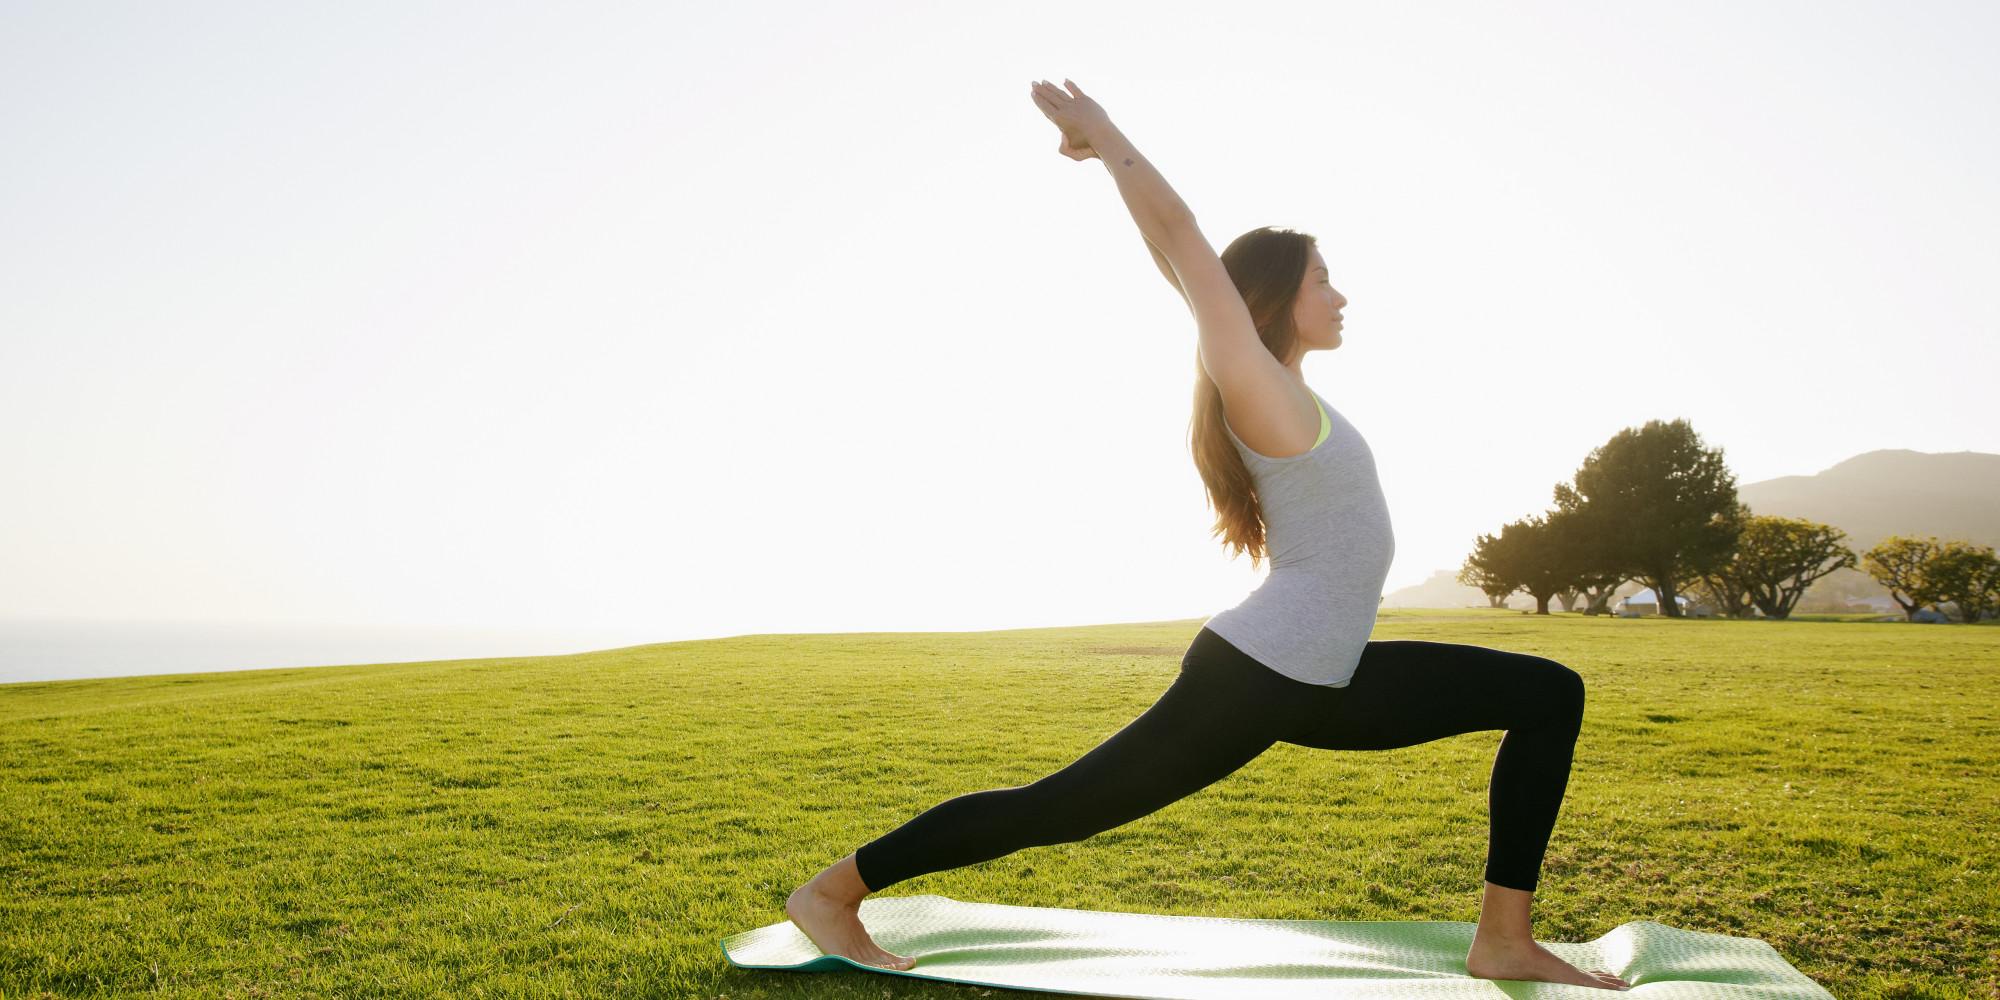 ập yoga rất tốt cho người bị viêm khớp dạng thấp